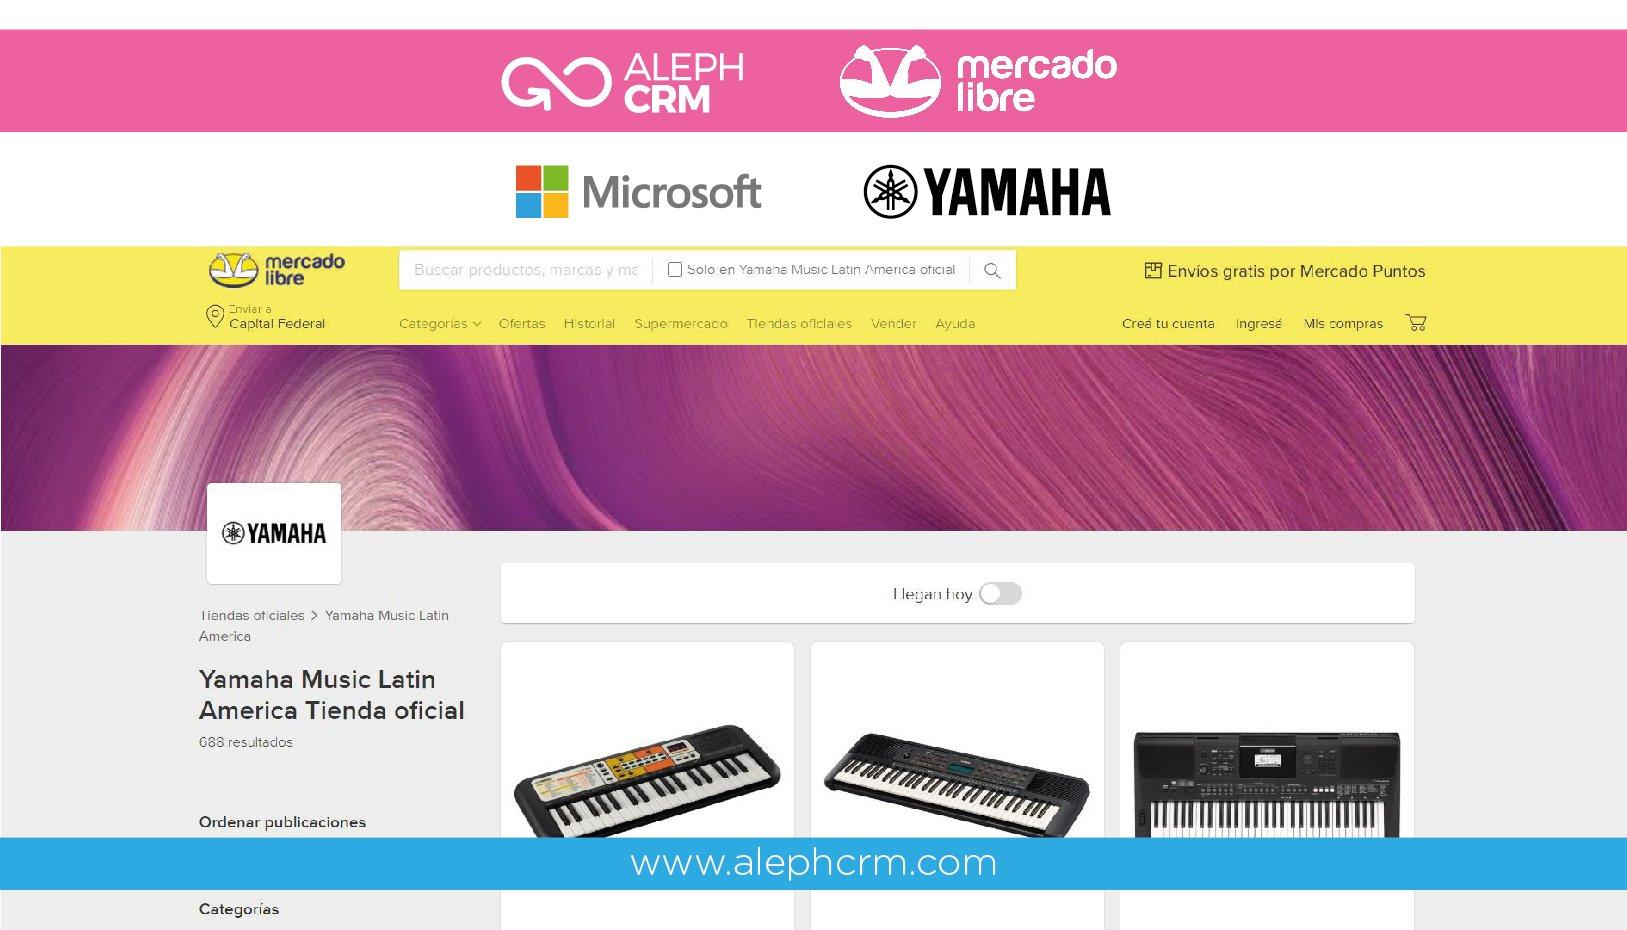 AlephCRM acompaña a las Pymes en el desarrollo del negocio electrónico